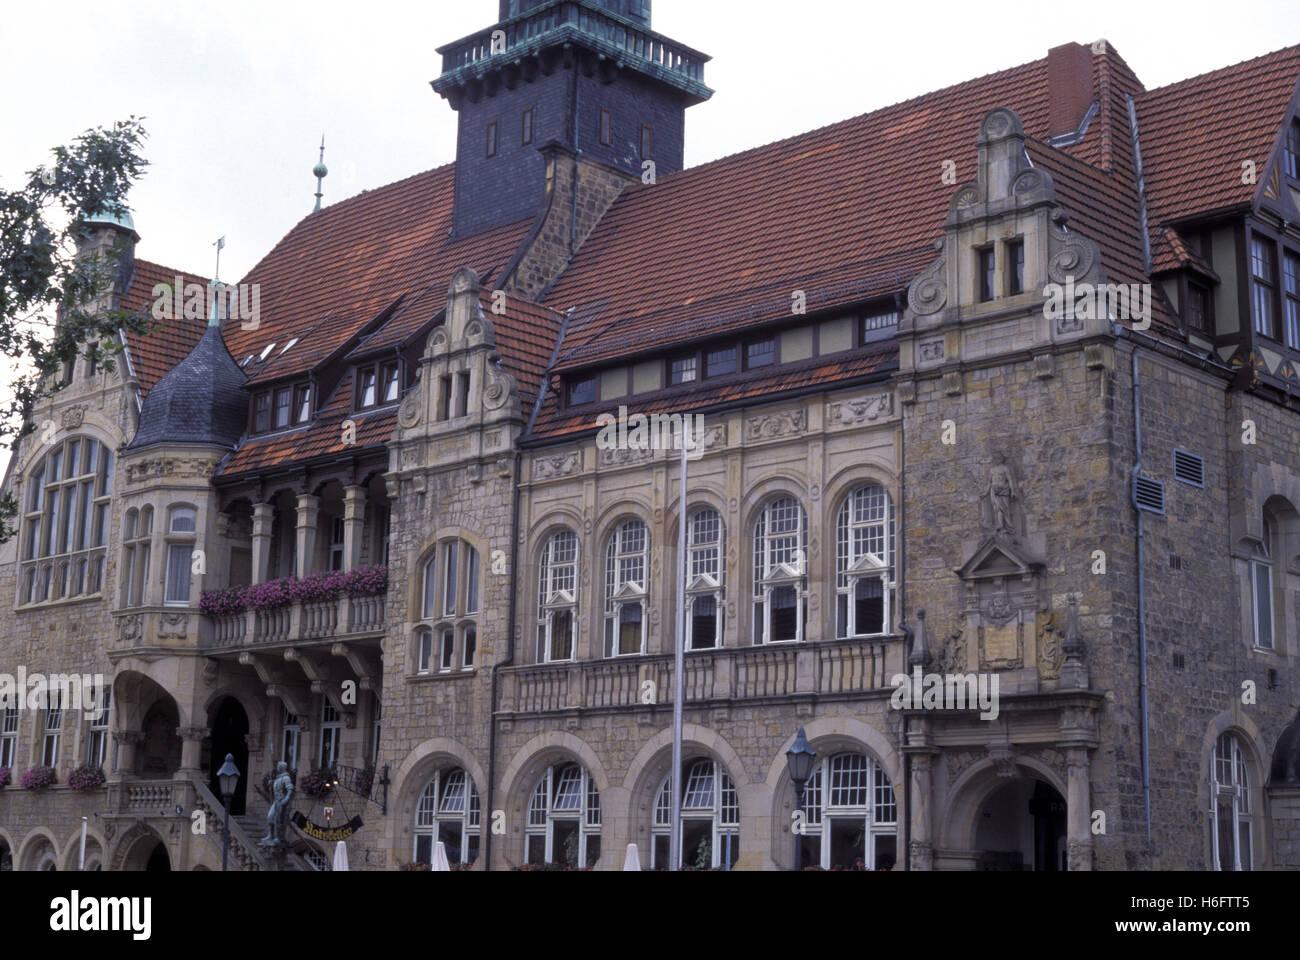 Allemagne, Basse-Saxe, Rinteln, l'hôtel de ville. Banque D'Images